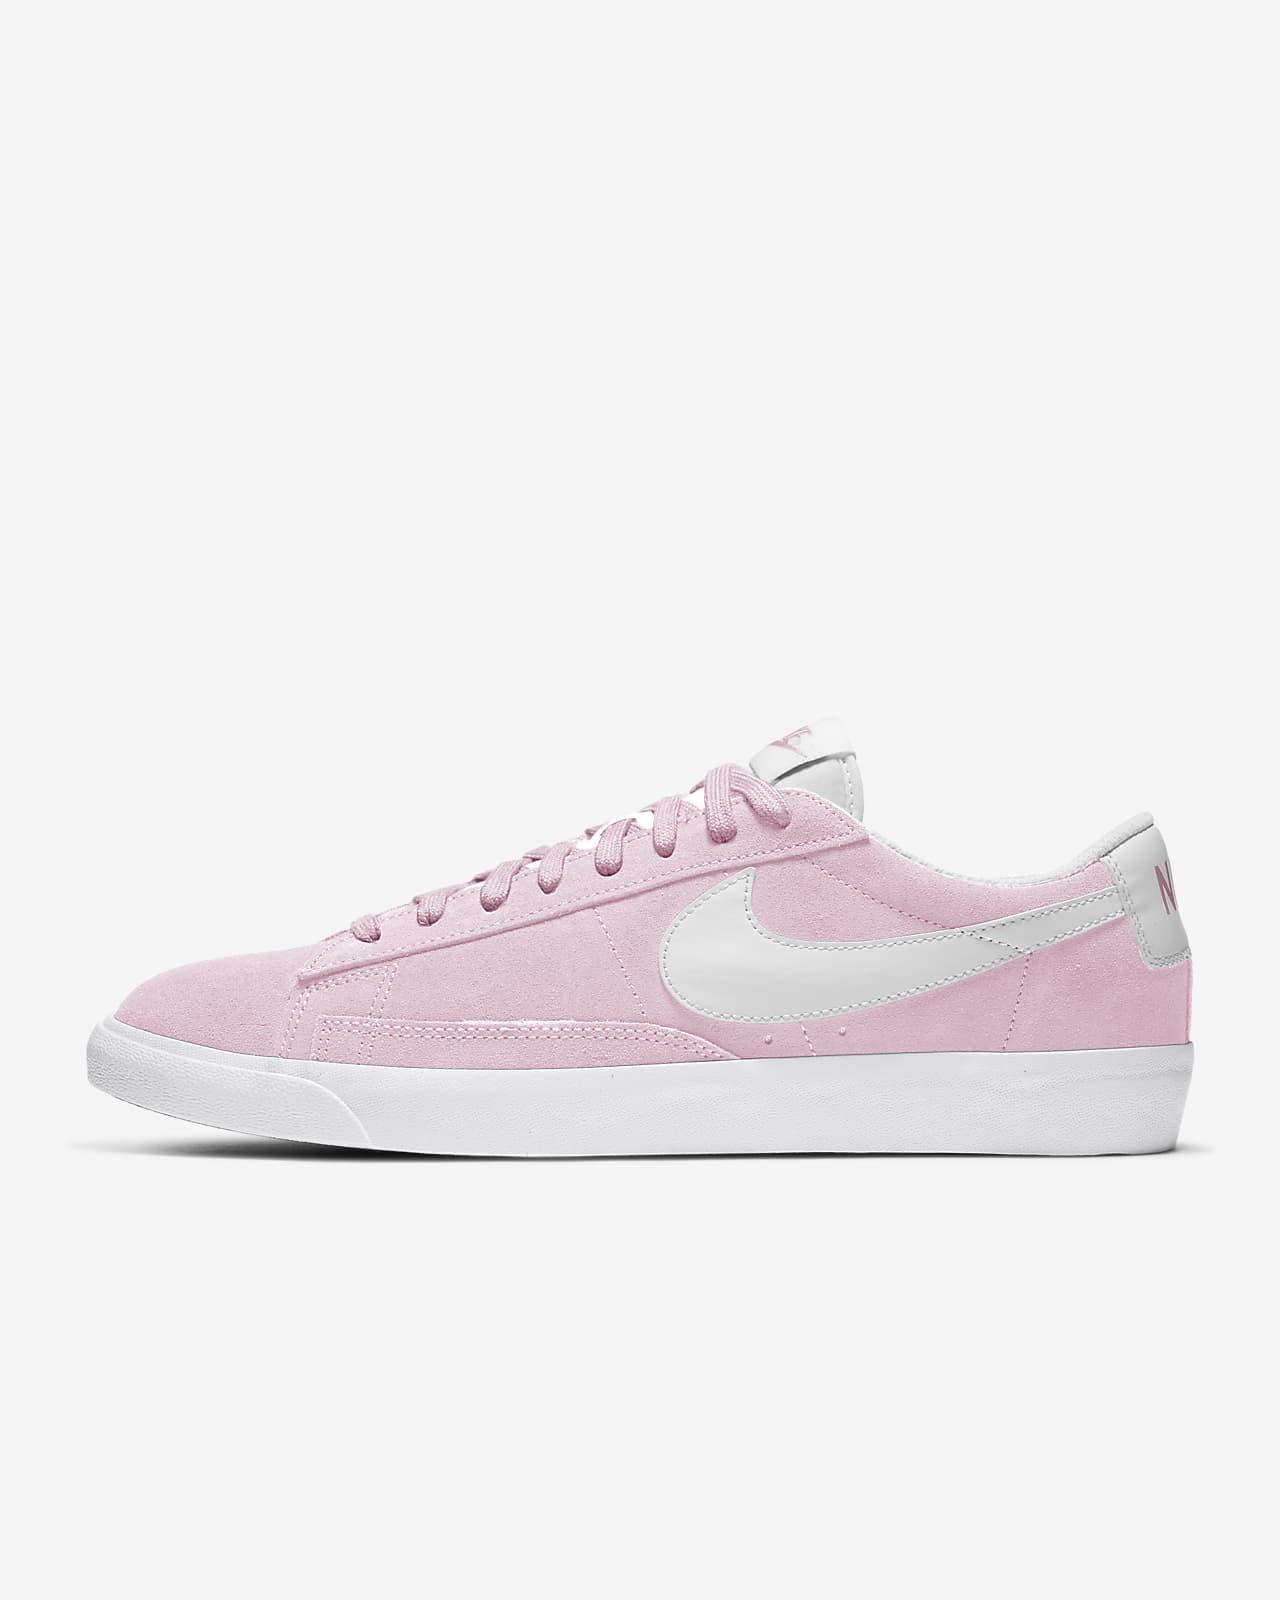 Nike Blazer Low Suede 男子运动鞋